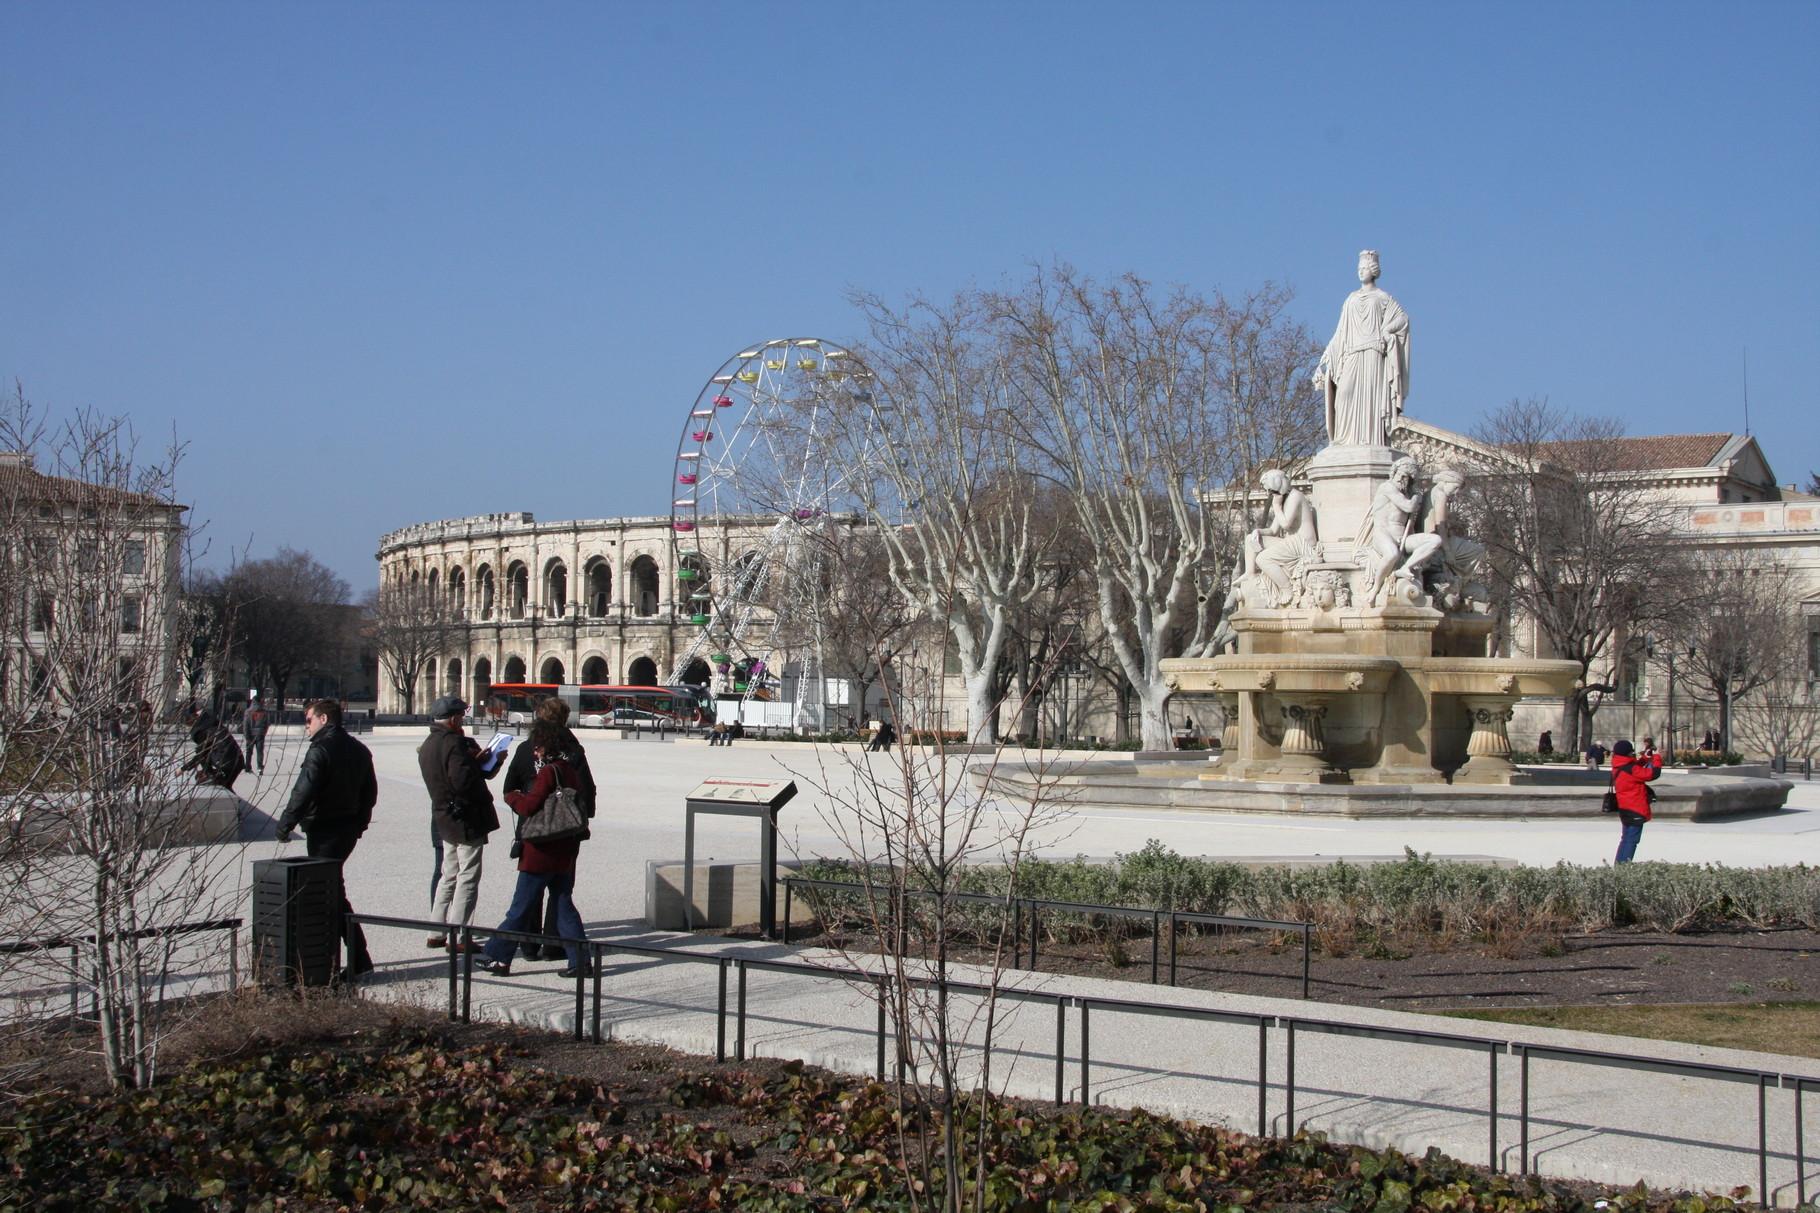 Bild: Bild in Arles